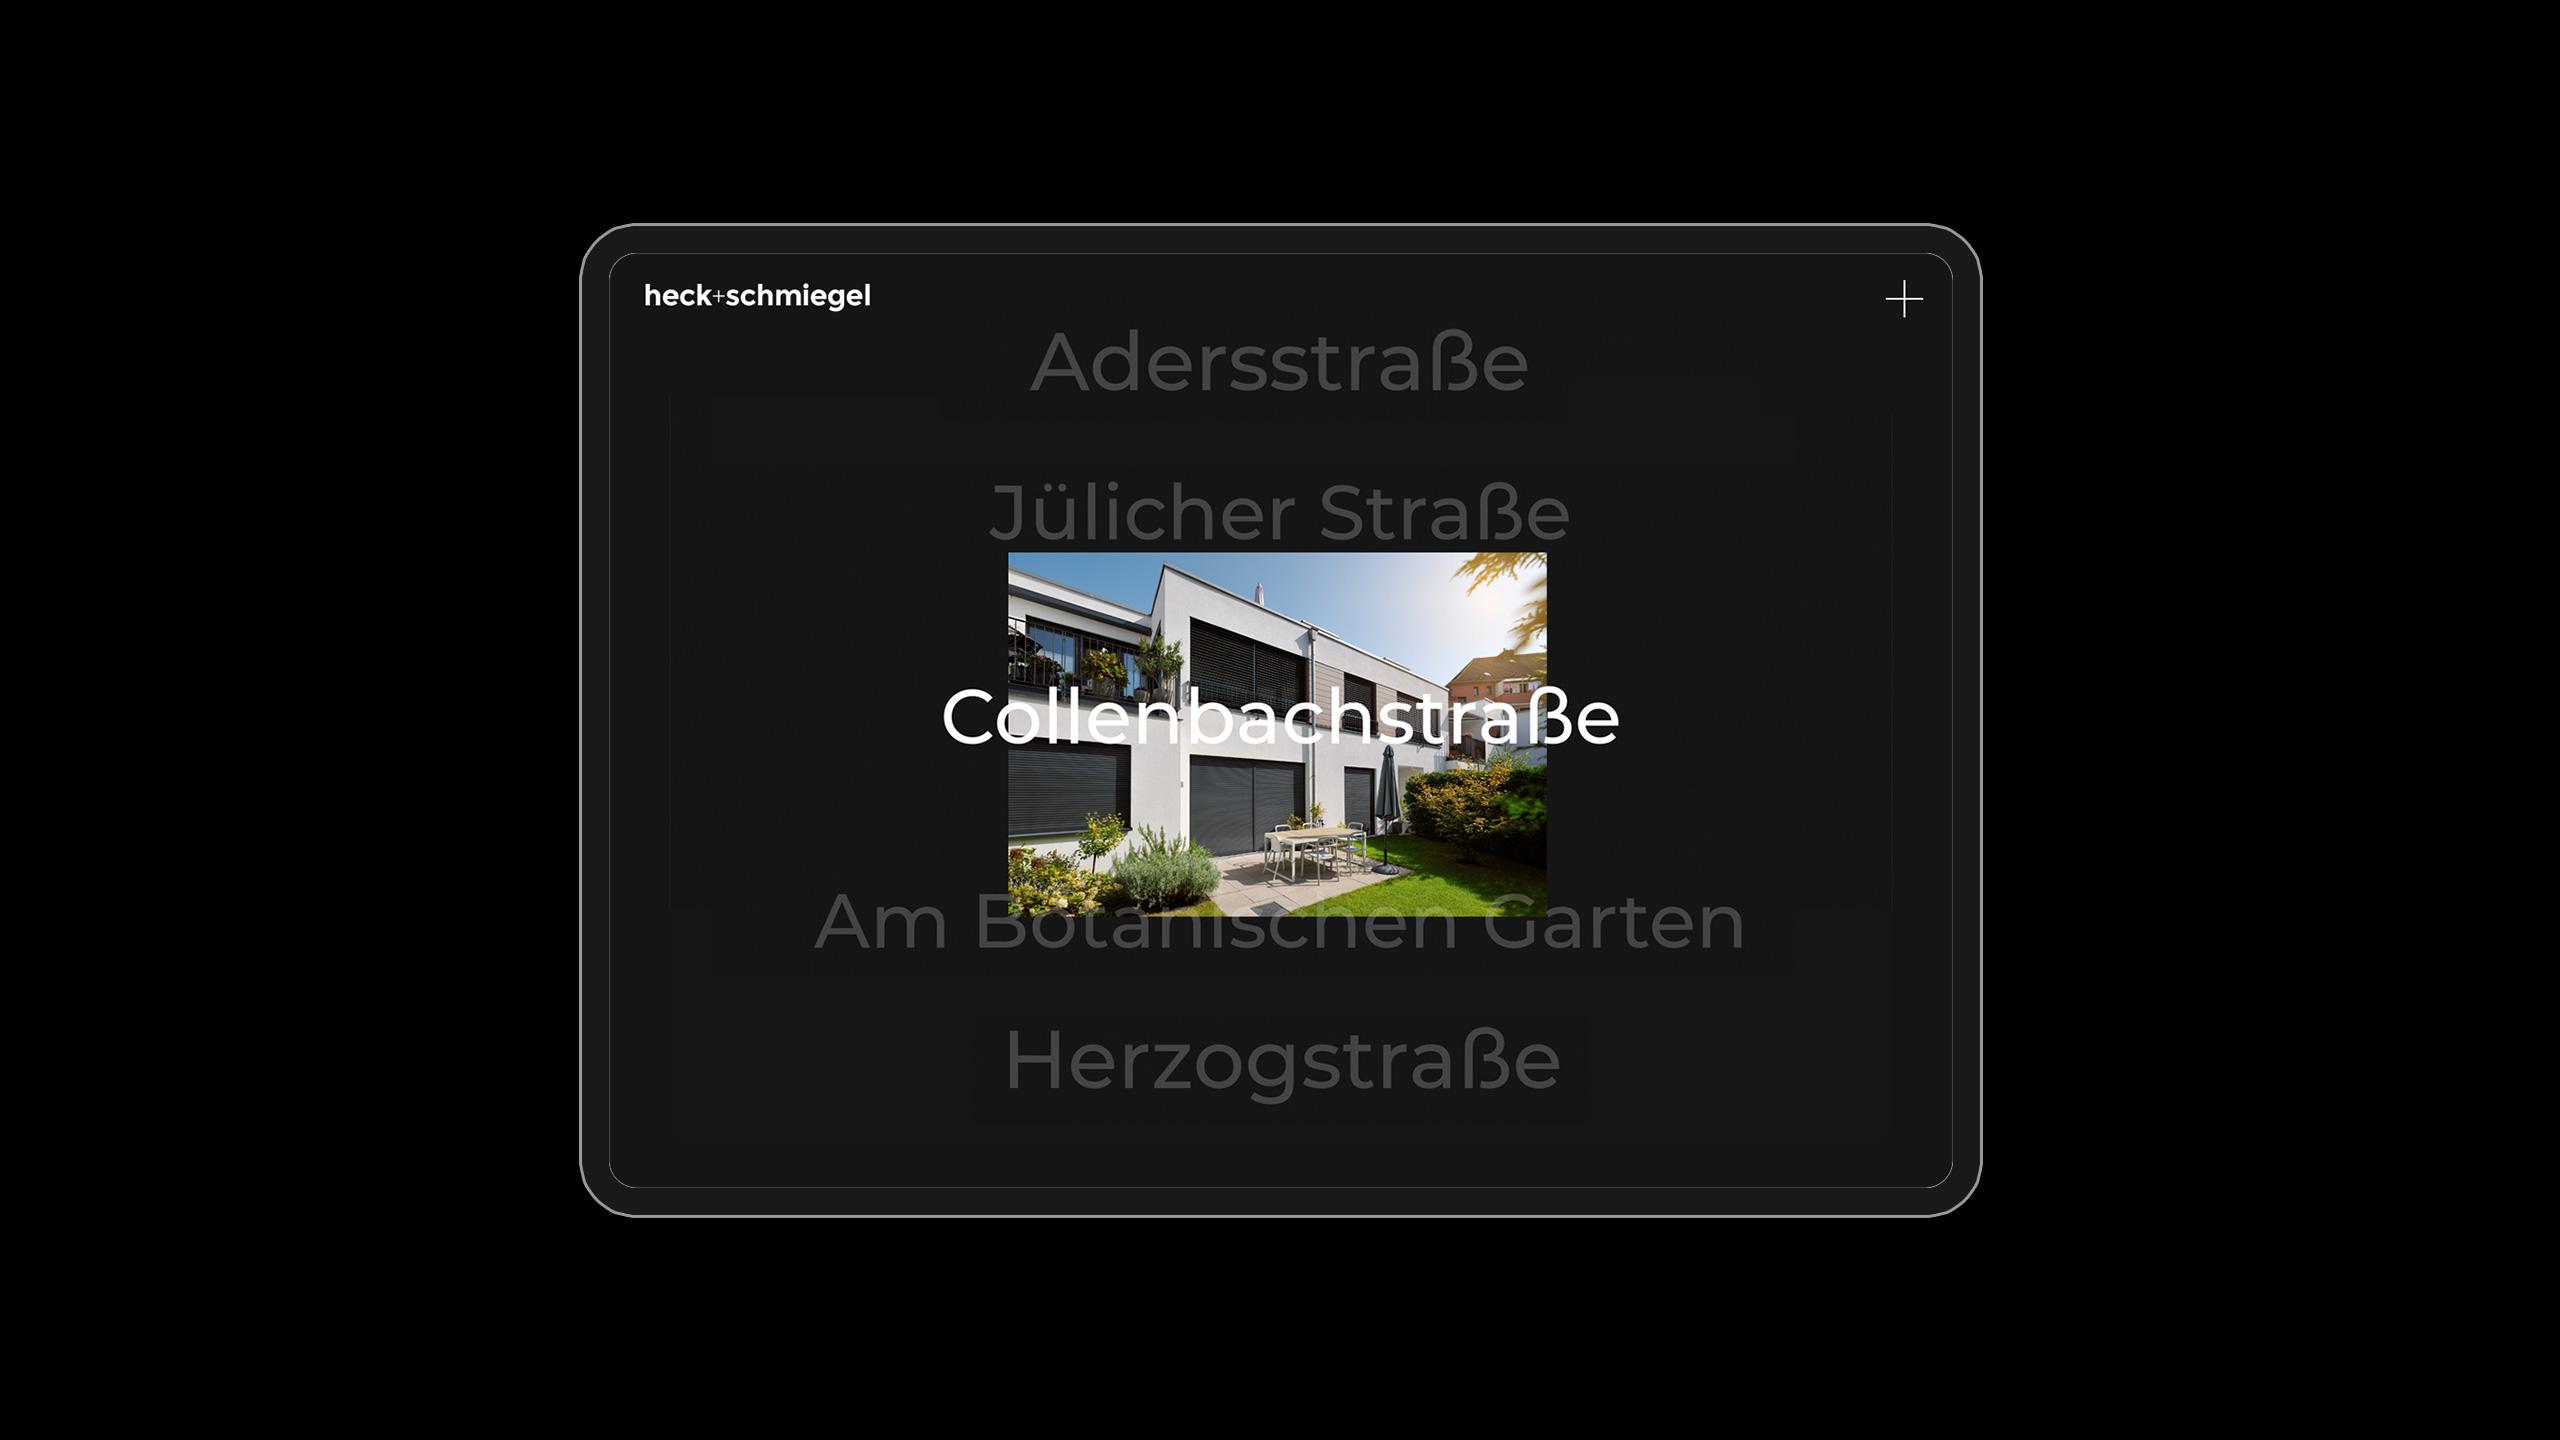 011-heckundschmiegel-architektur_high